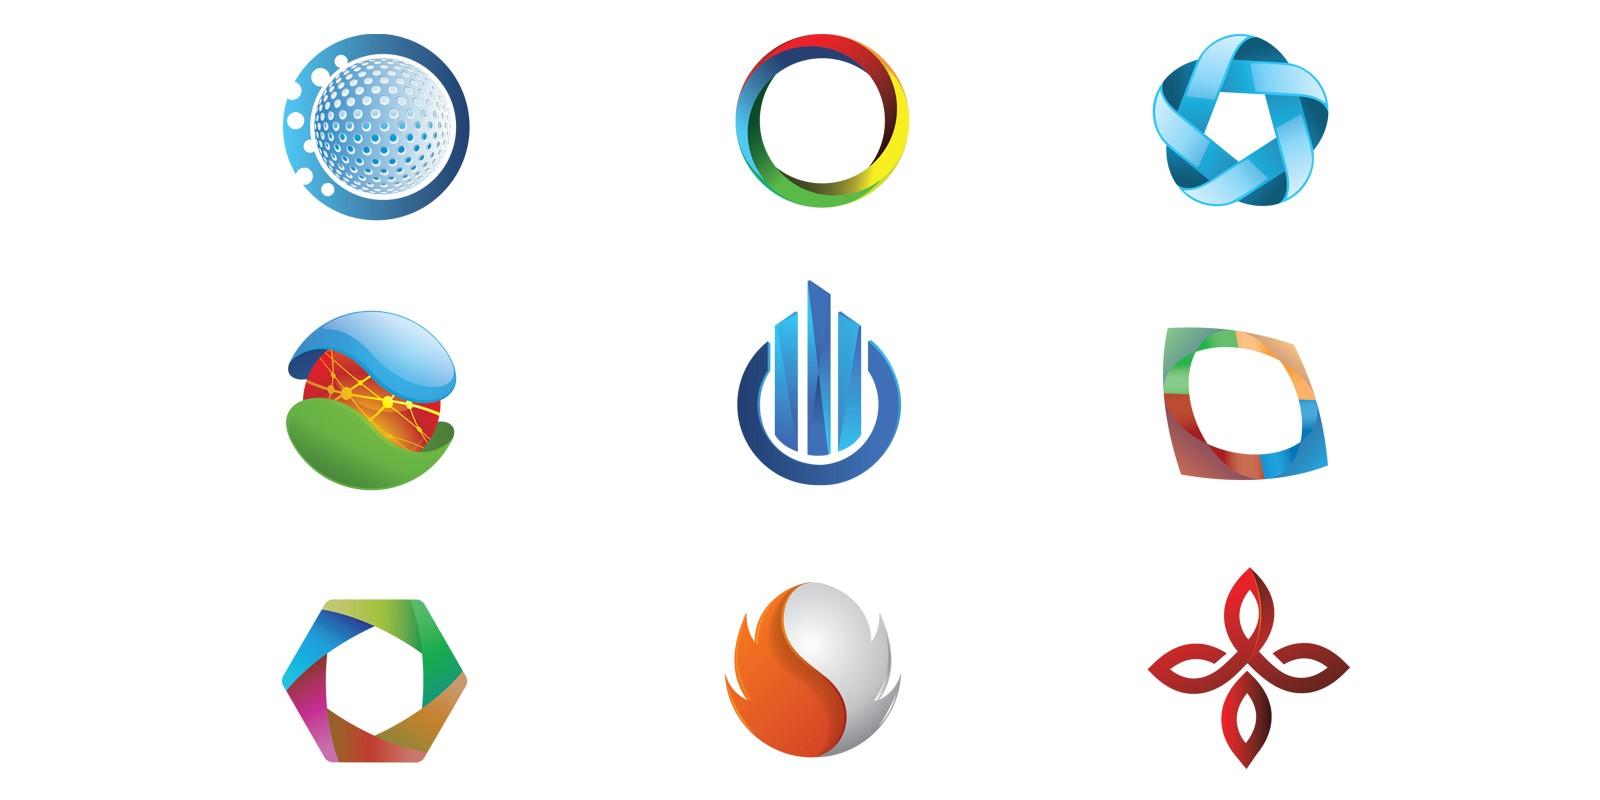 Rounded Circle design logo inspiration